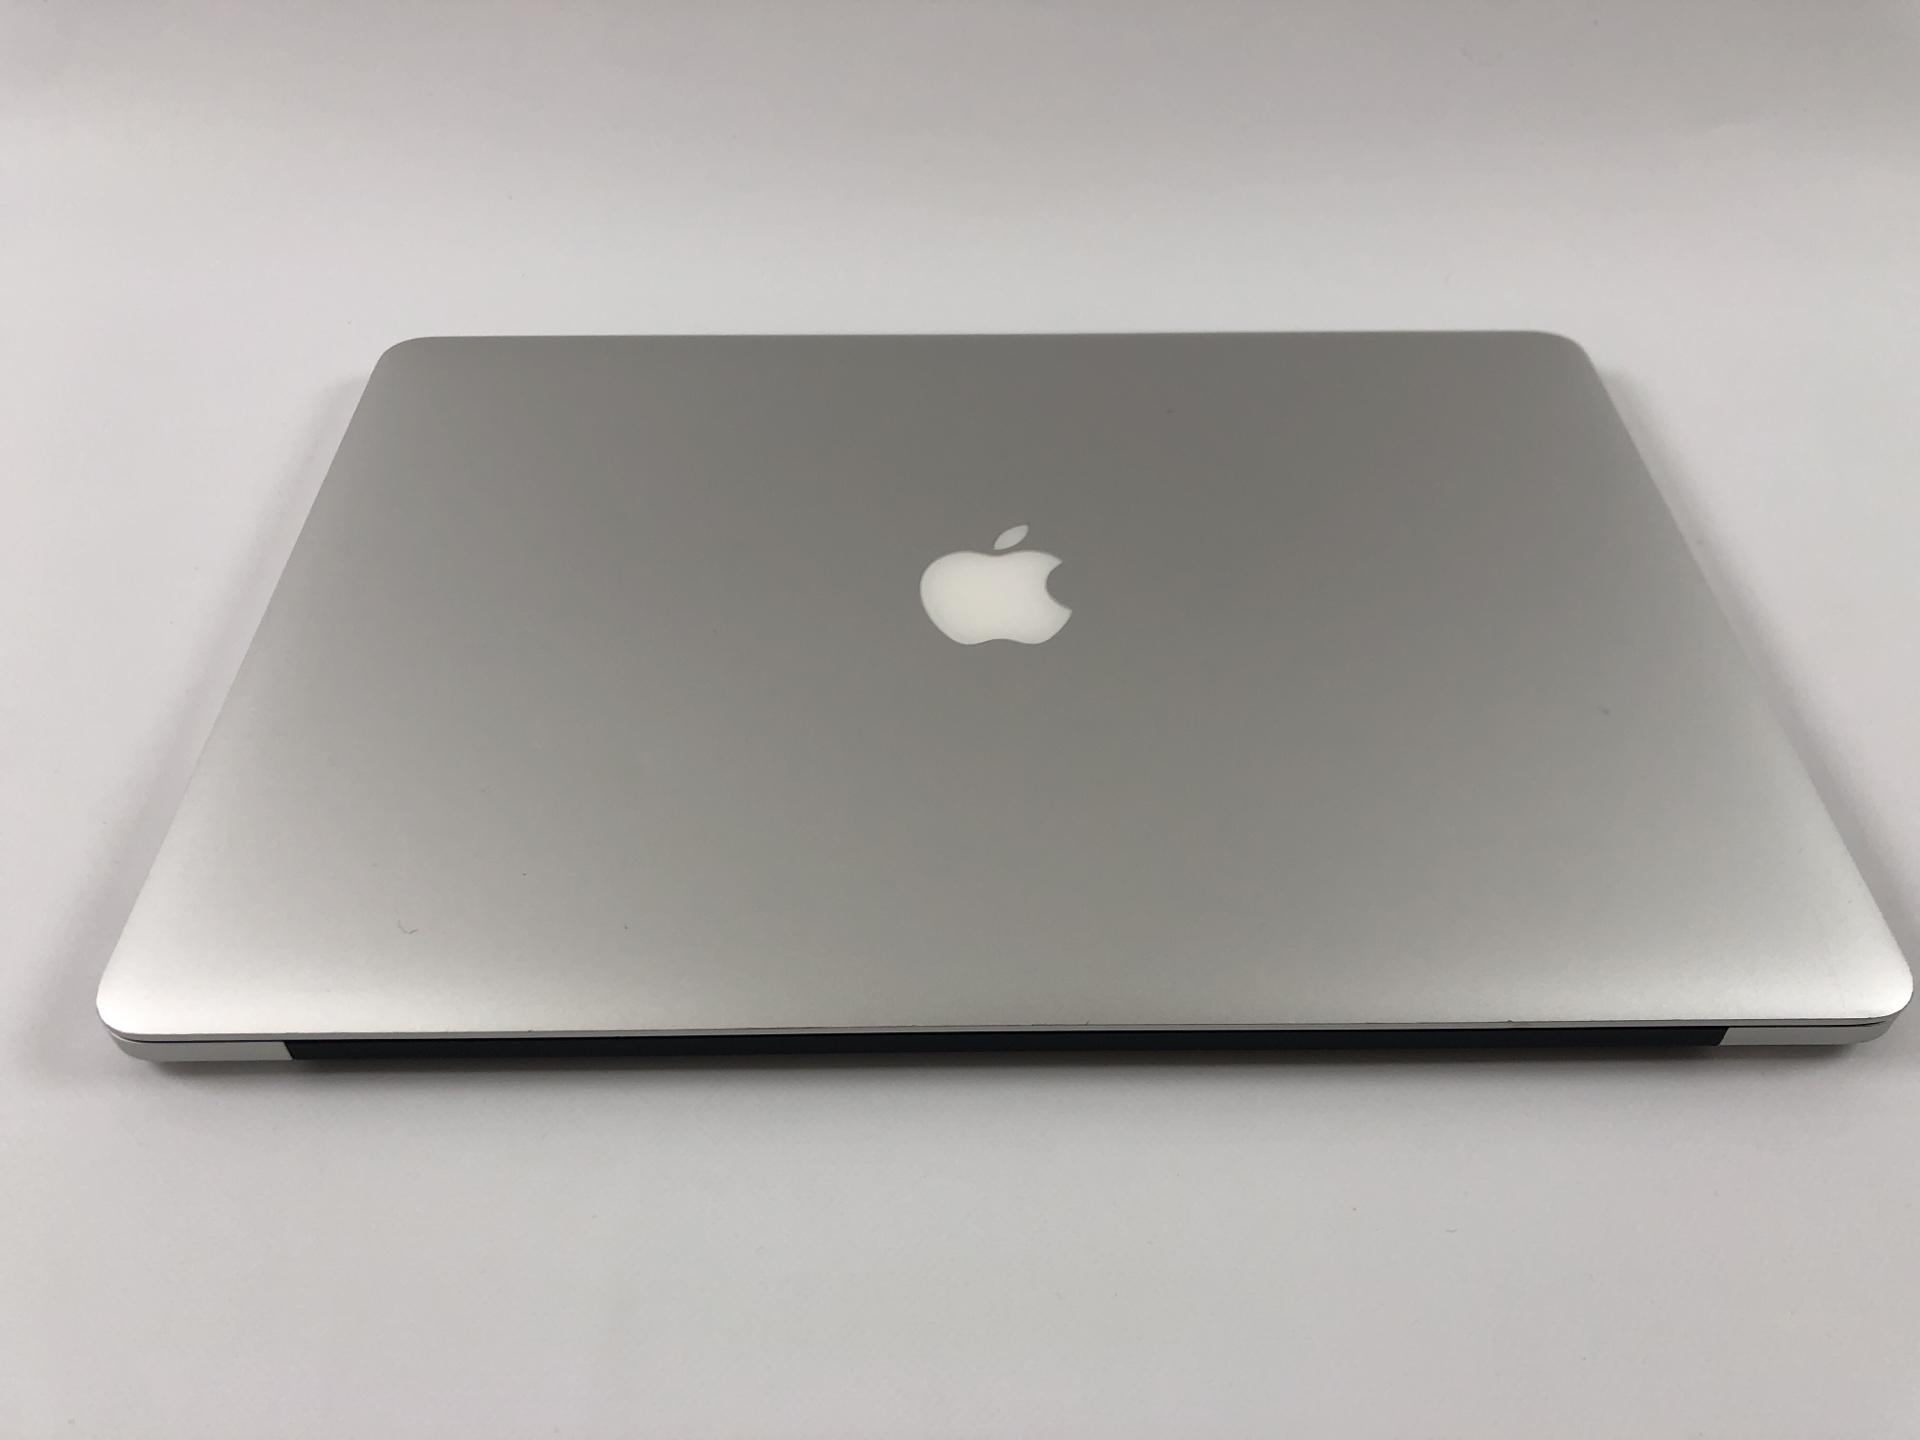 """MacBook Pro Retina 15"""" Mid 2014 (Intel Quad-Core i7 2.5 GHz 16 GB RAM 512 GB SSD), Intel Quad-Core i7 2.5 GHz, 16 GB RAM, 512 GB SSD, Kuva 2"""